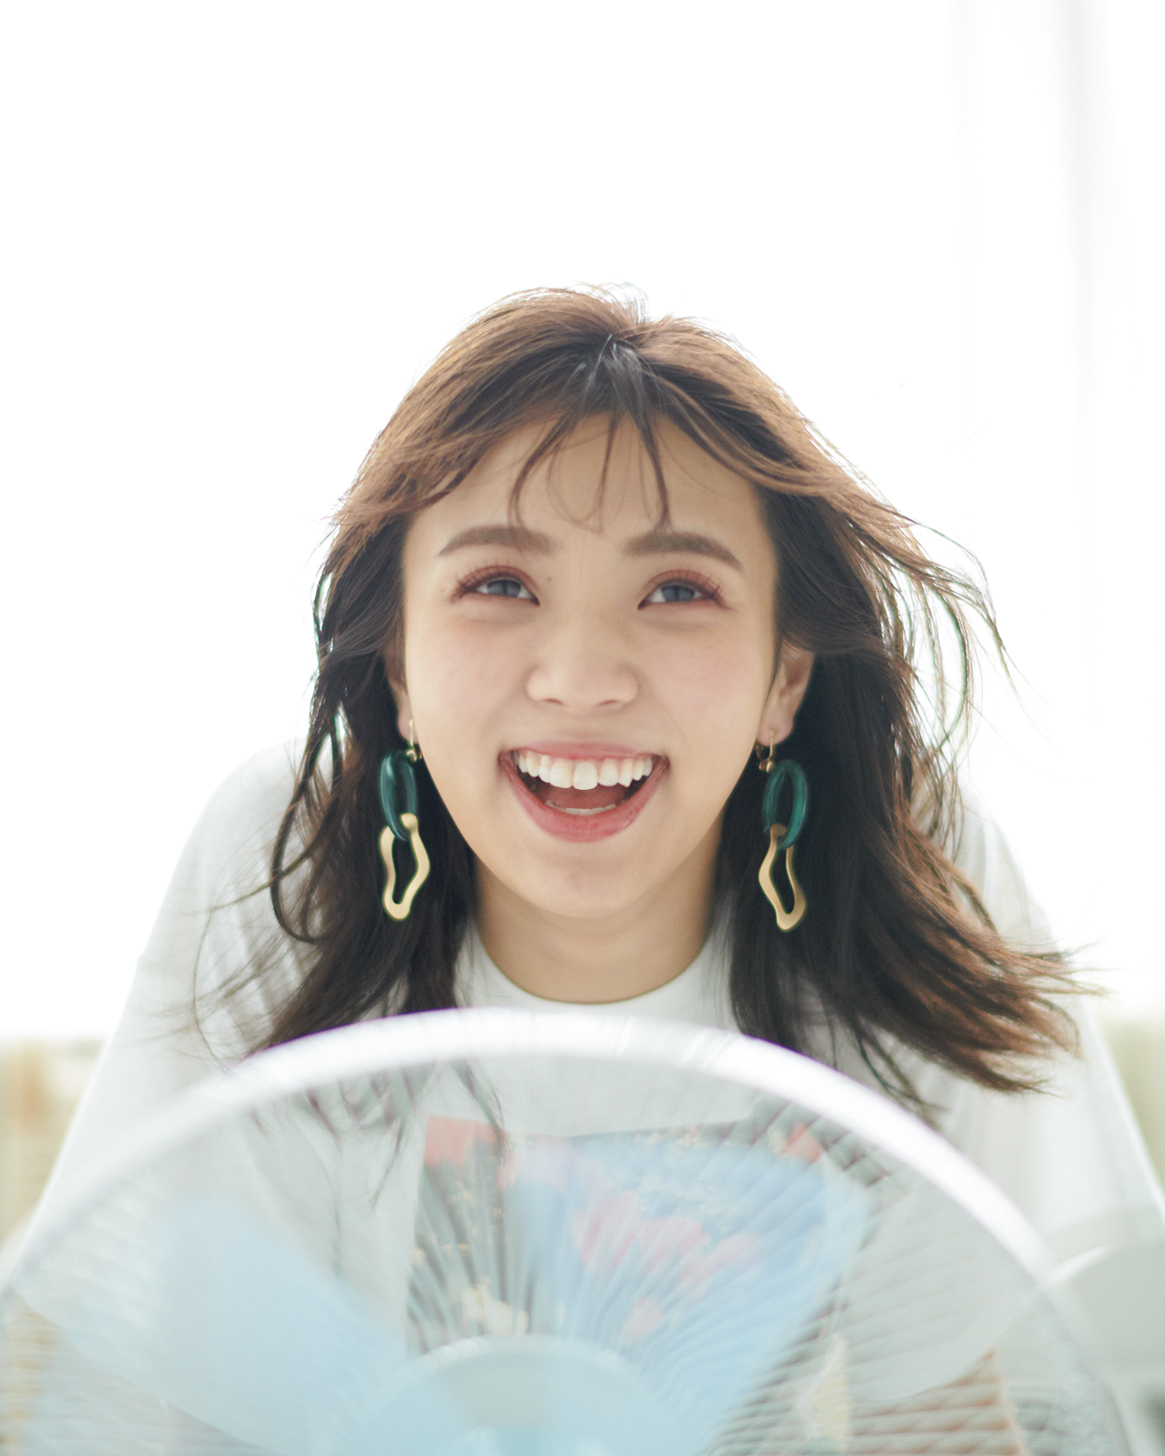 欅坂46・小林由依「まさに普段の自分!」なオフショットが公開